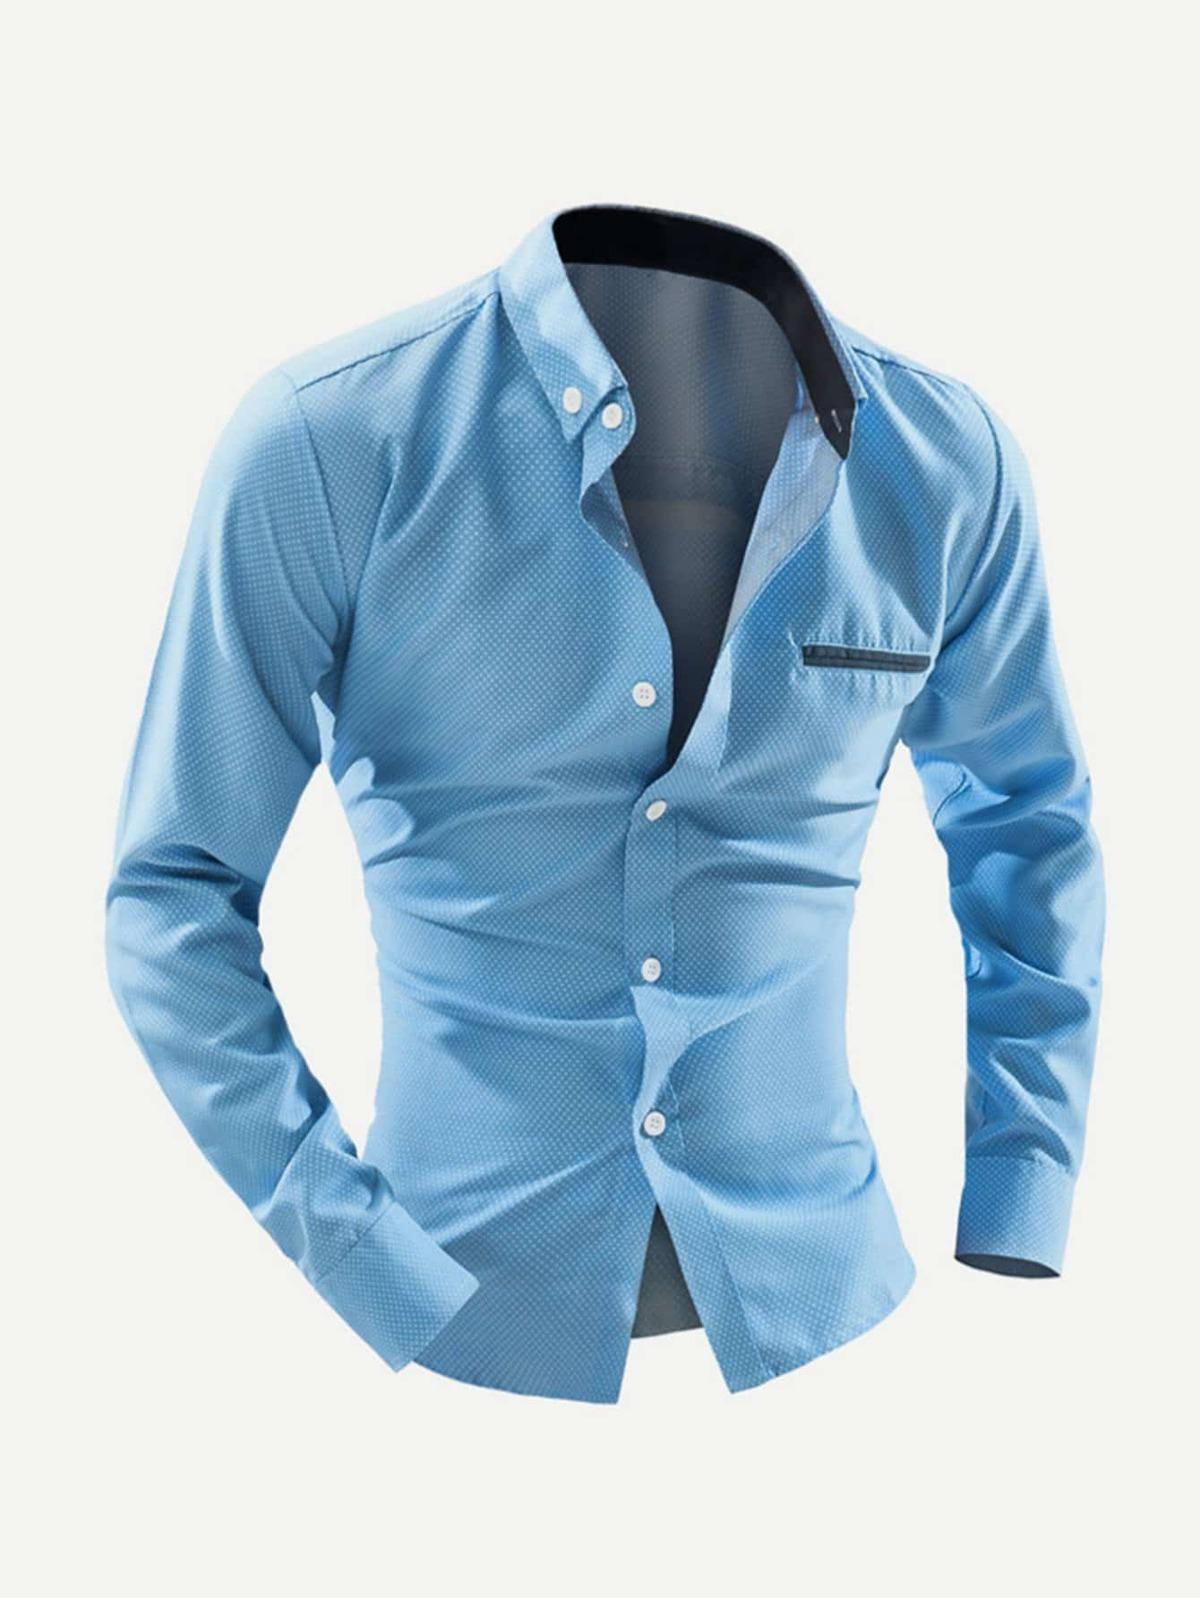 男人 口袋 裝飾 波卡點點 襯衫